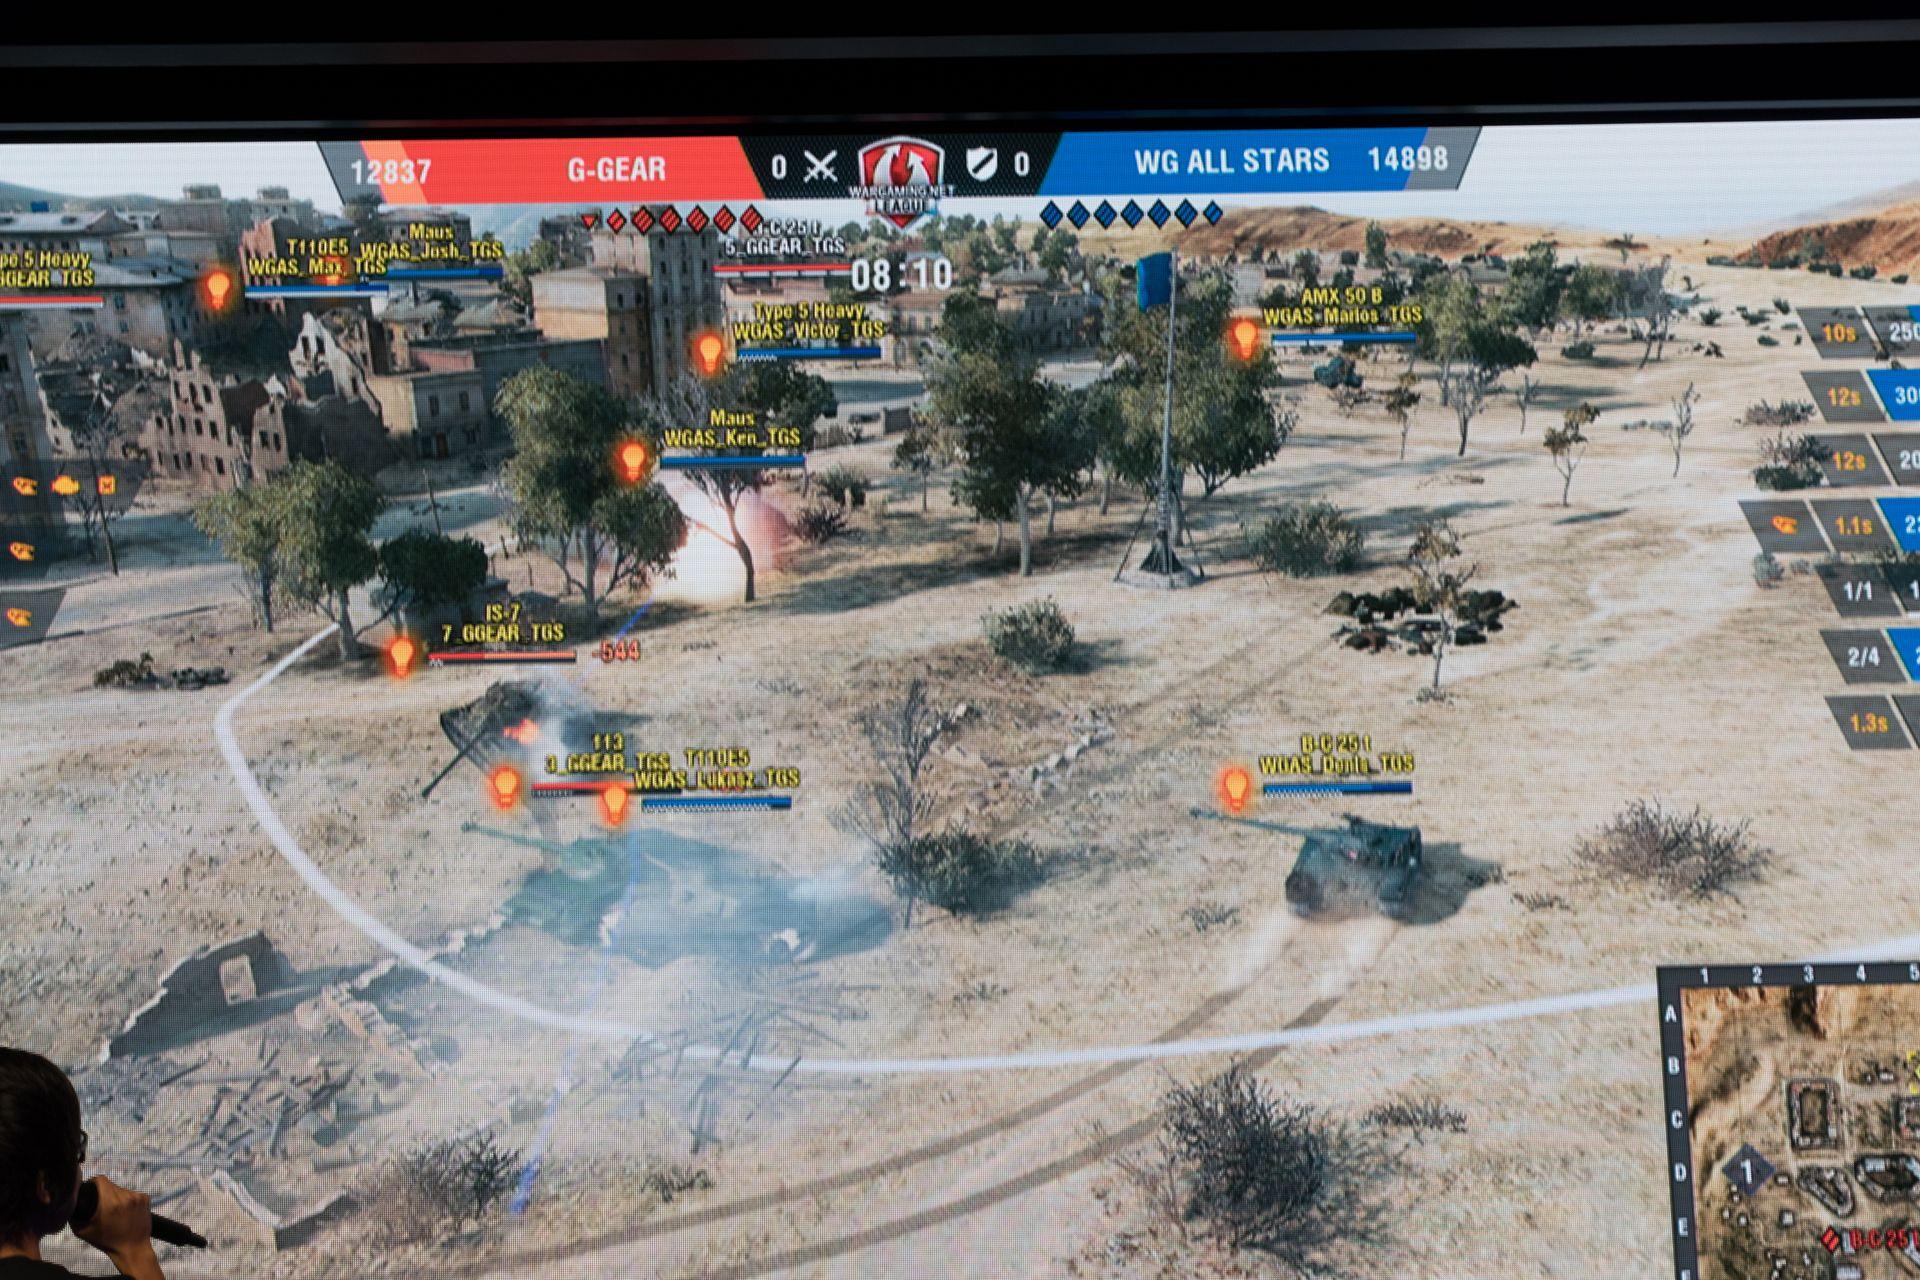 だがAll-Starsは車両の扱い方や戦況判断が異常に巧い。攻撃側G-Gearが拠点に車両を入れても、あっという間に的確な命中弾を叩き込まれゲージを戻されてしまう